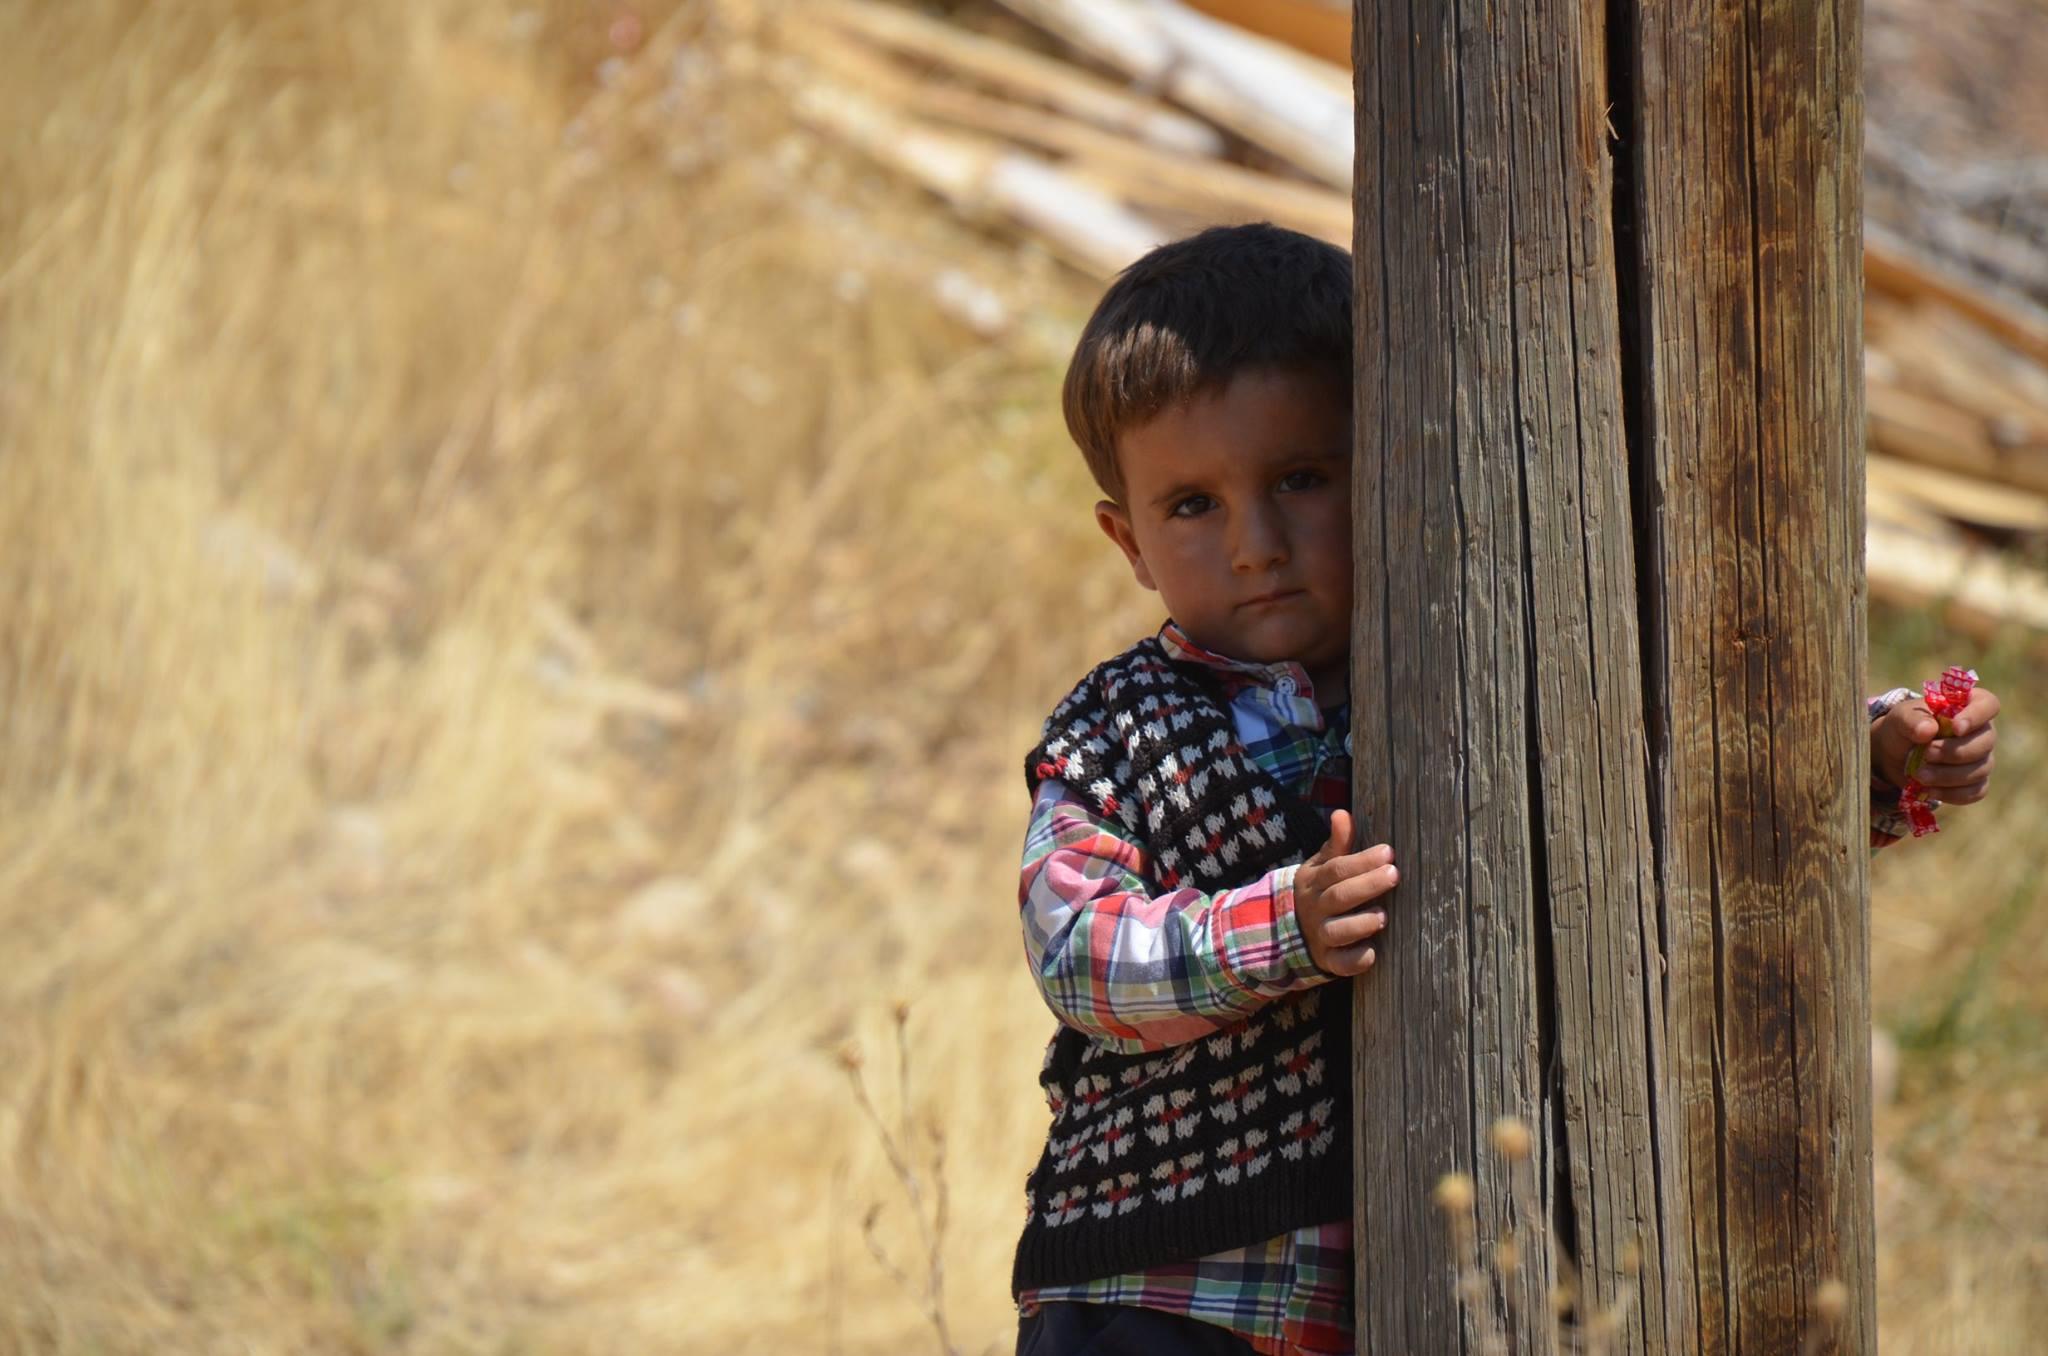 Çocuk Psikolojisi Nelerden Etkilenir